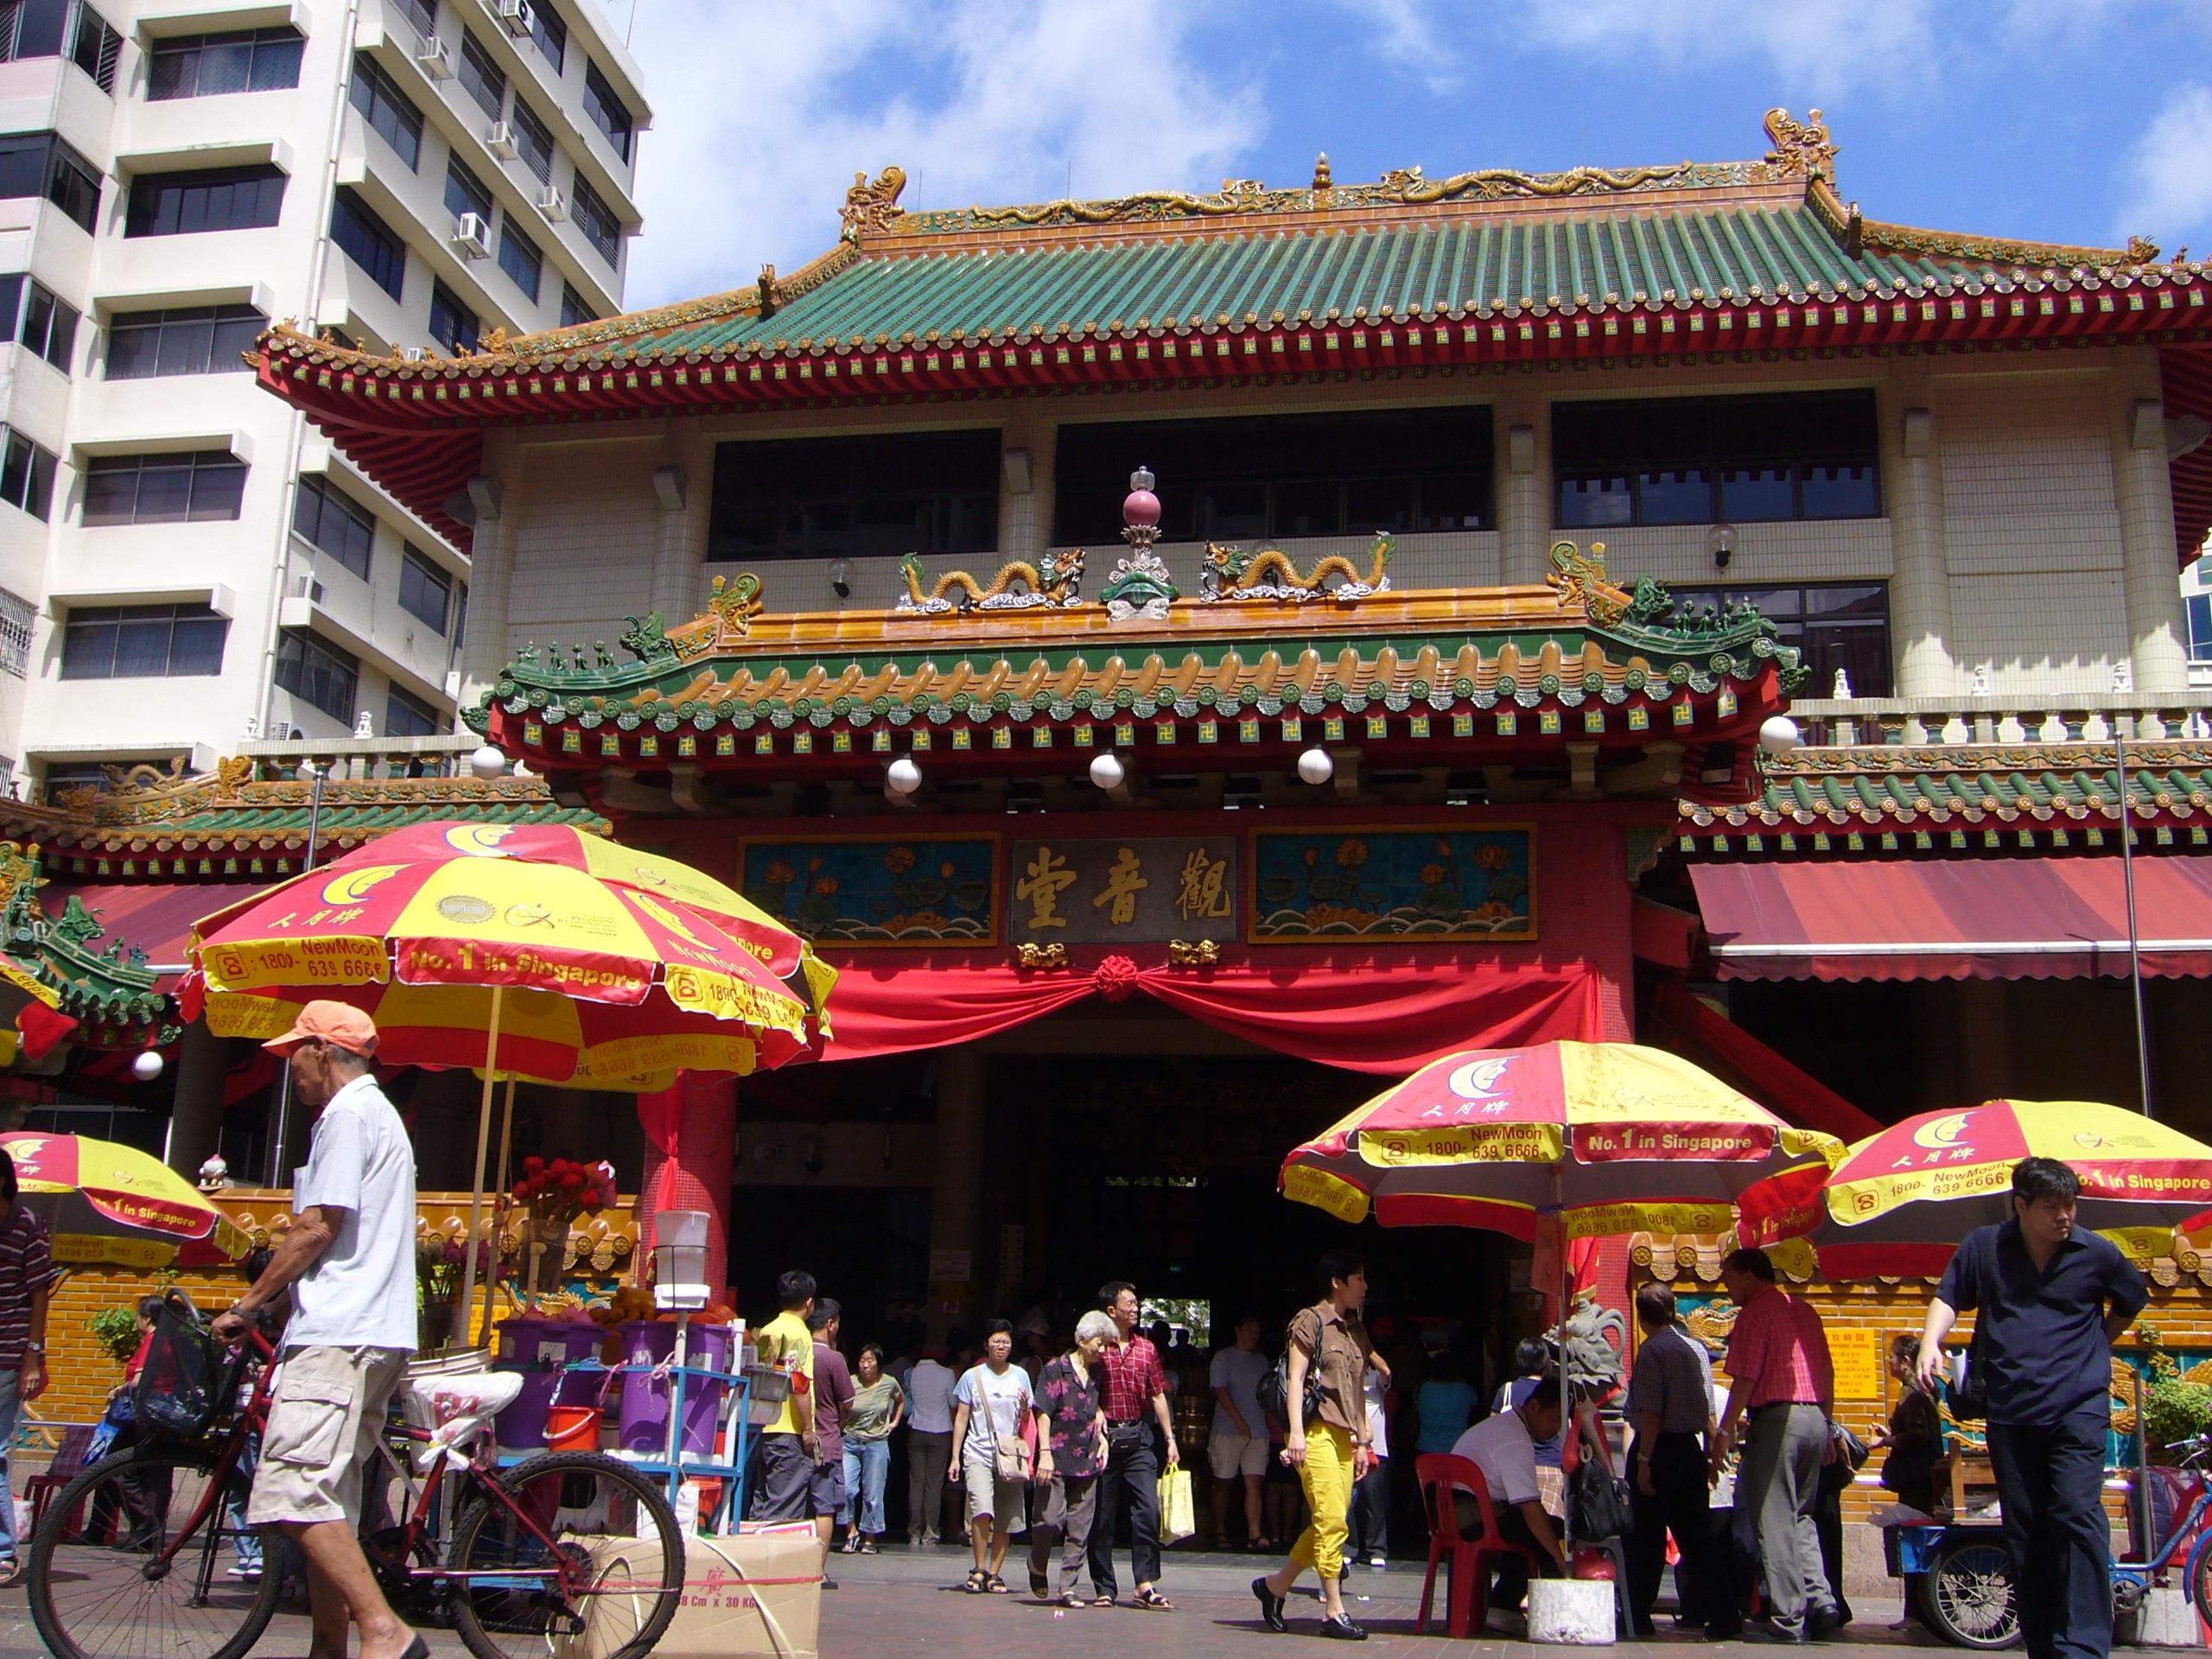 シンガポール最古の中国寺院「観音堂」とブギス地区散策